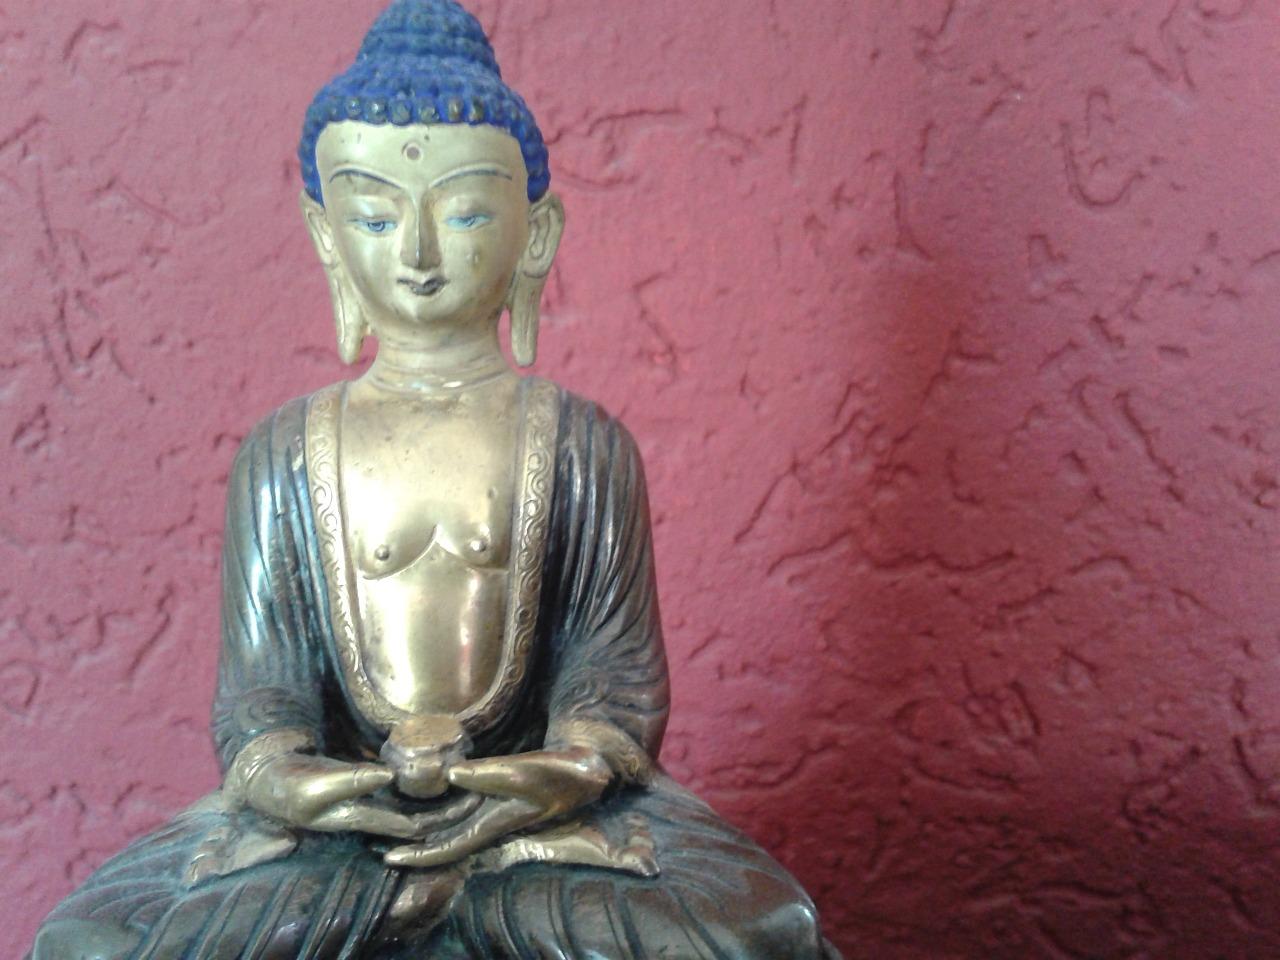 Feng shui schlafzimmer farbe rosa lattenroste und matratzen g nstig inneneinrichtung - Feng shui farben diele ohne fenster ...